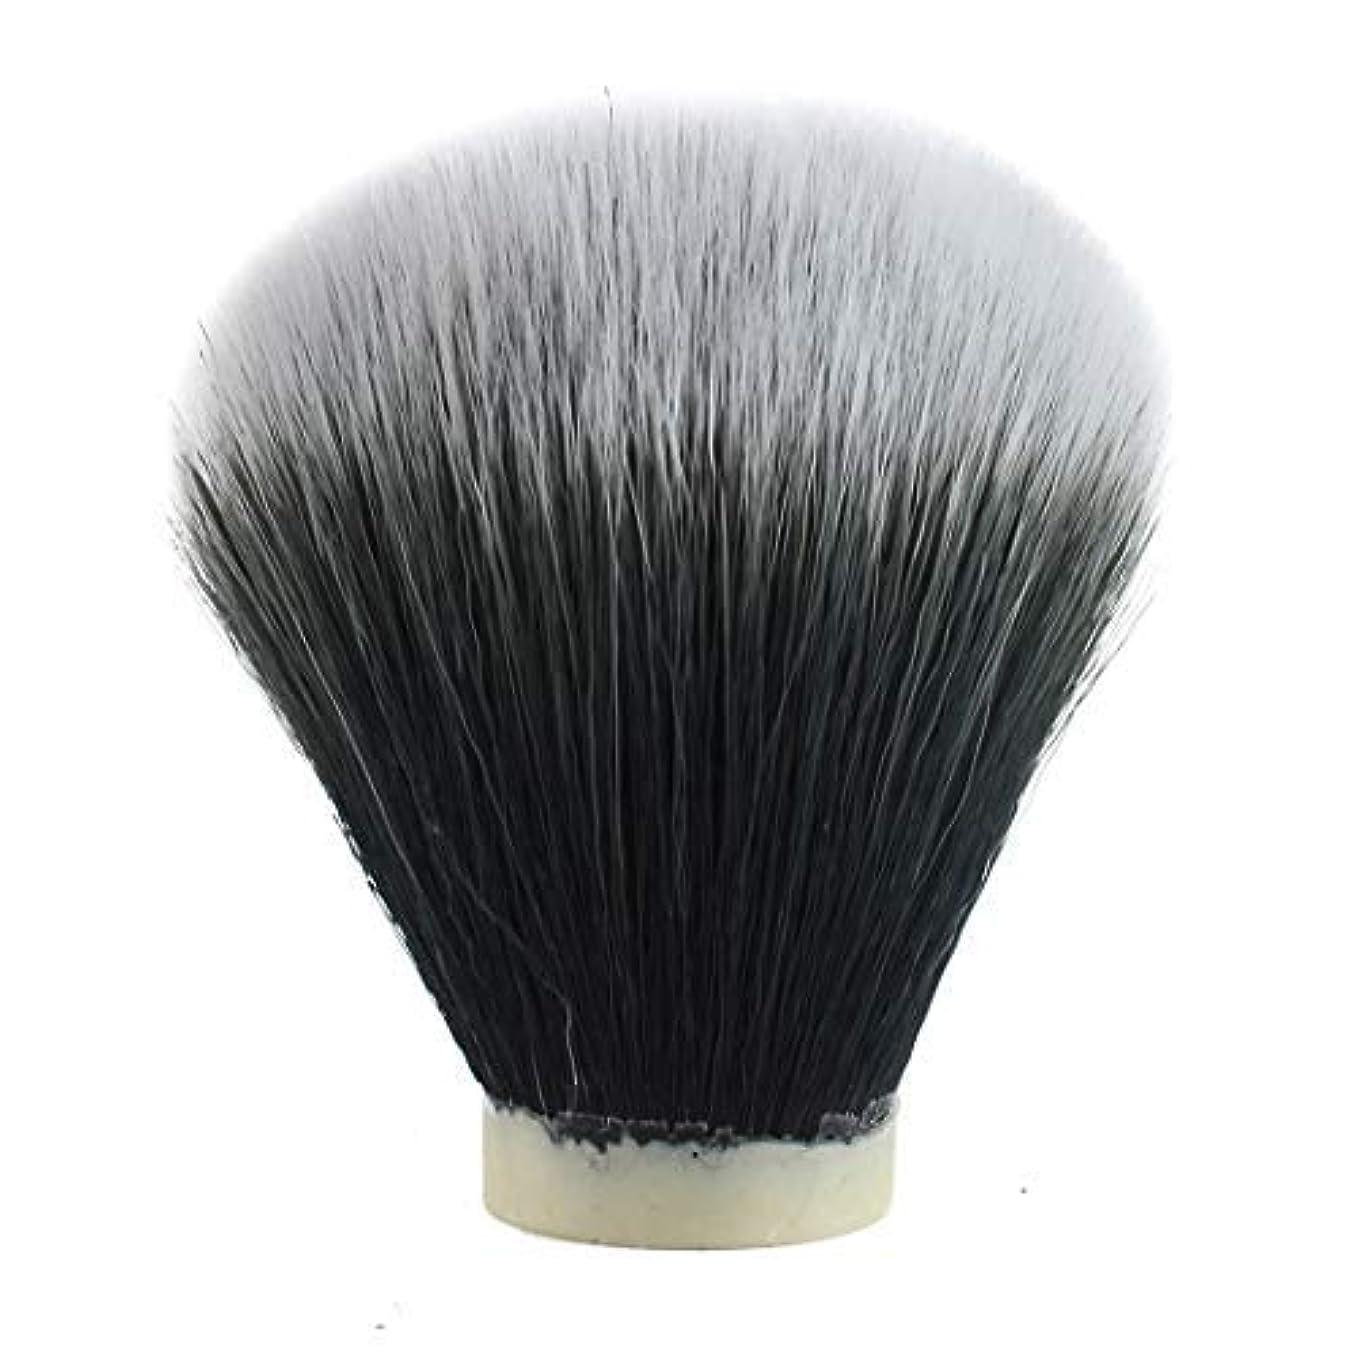 遠足アクロバット子供時代Tuxedo Synthetic Hair Brush Shaving Knot (24mm) [並行輸入品]